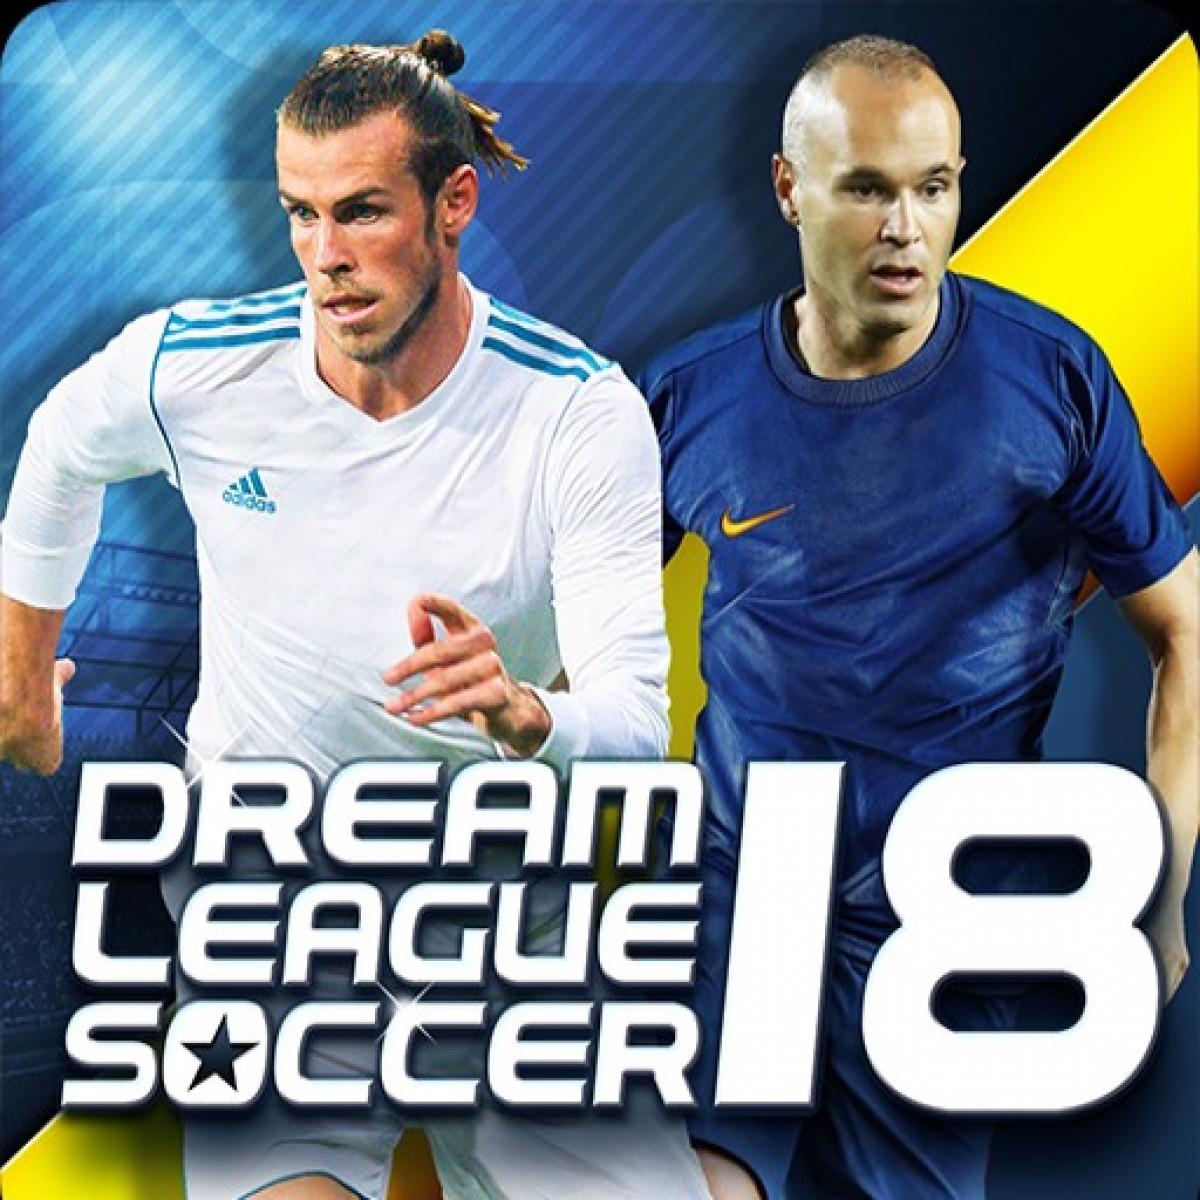 Dream League Soccer 18 Hack Online